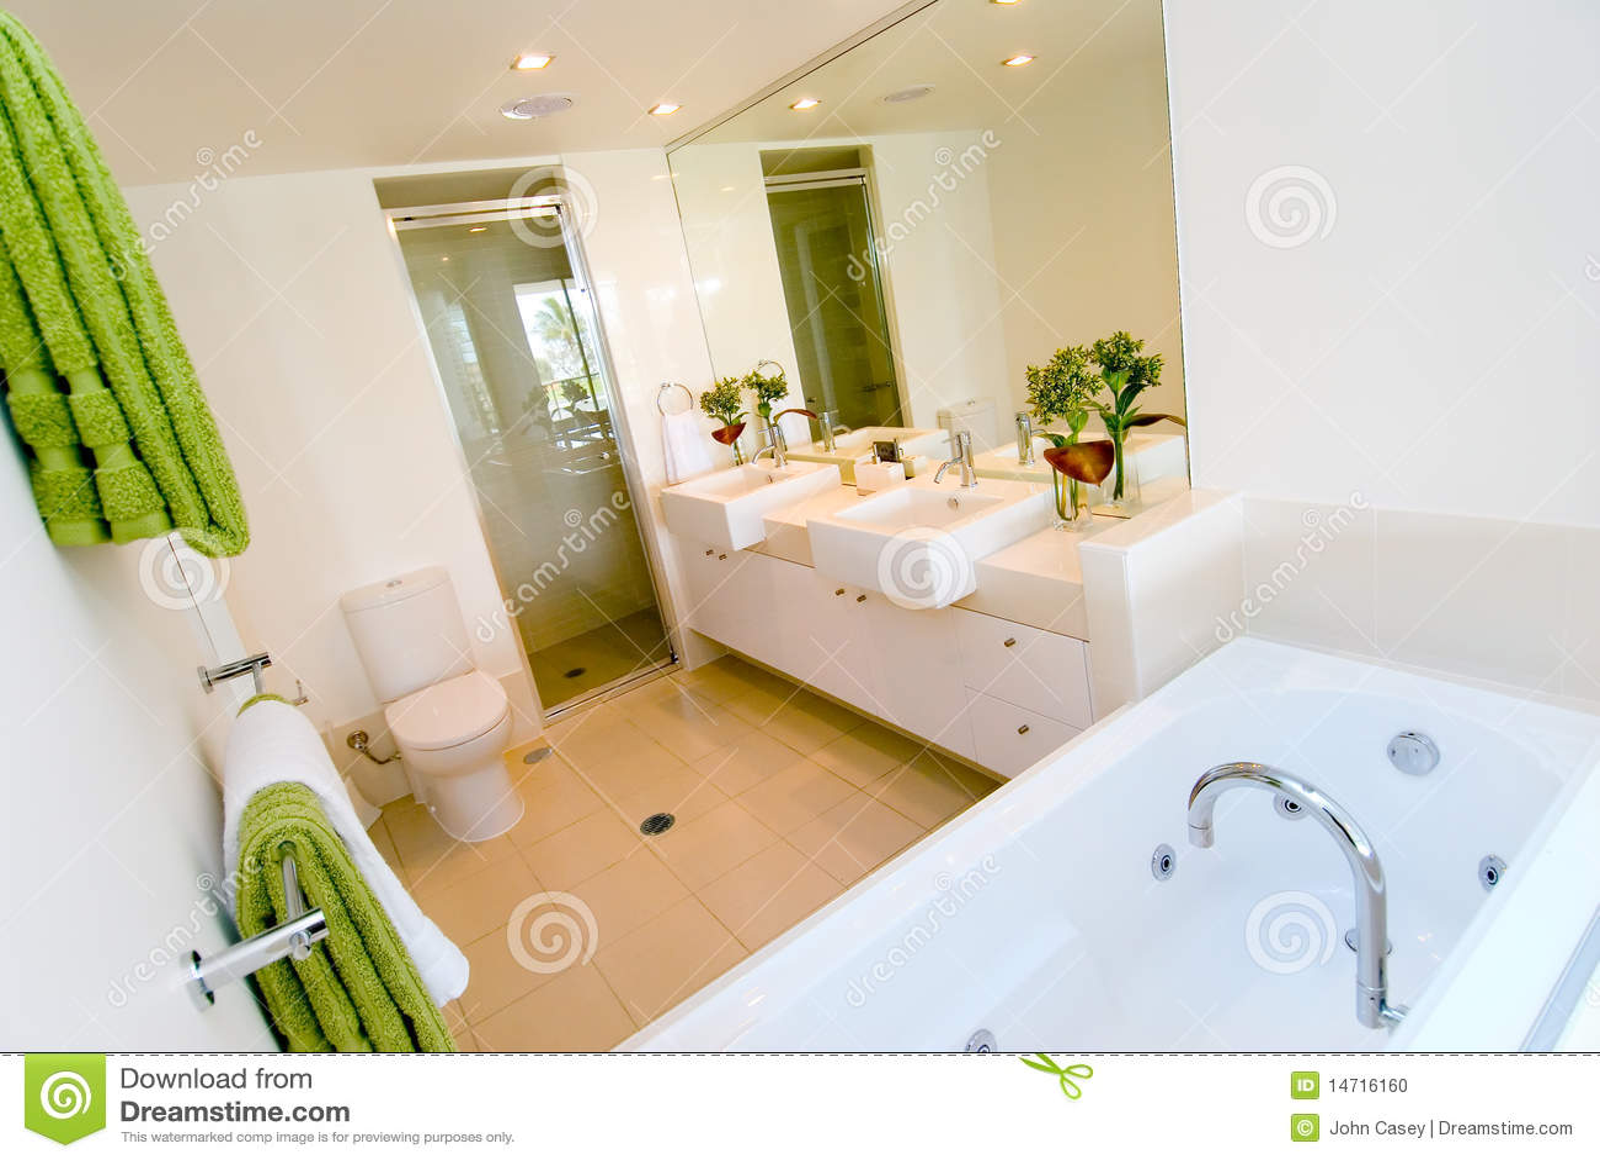 Een luxe moderne badkamers stock foto beeld 14716160 - Moderne luxe badkamer ...